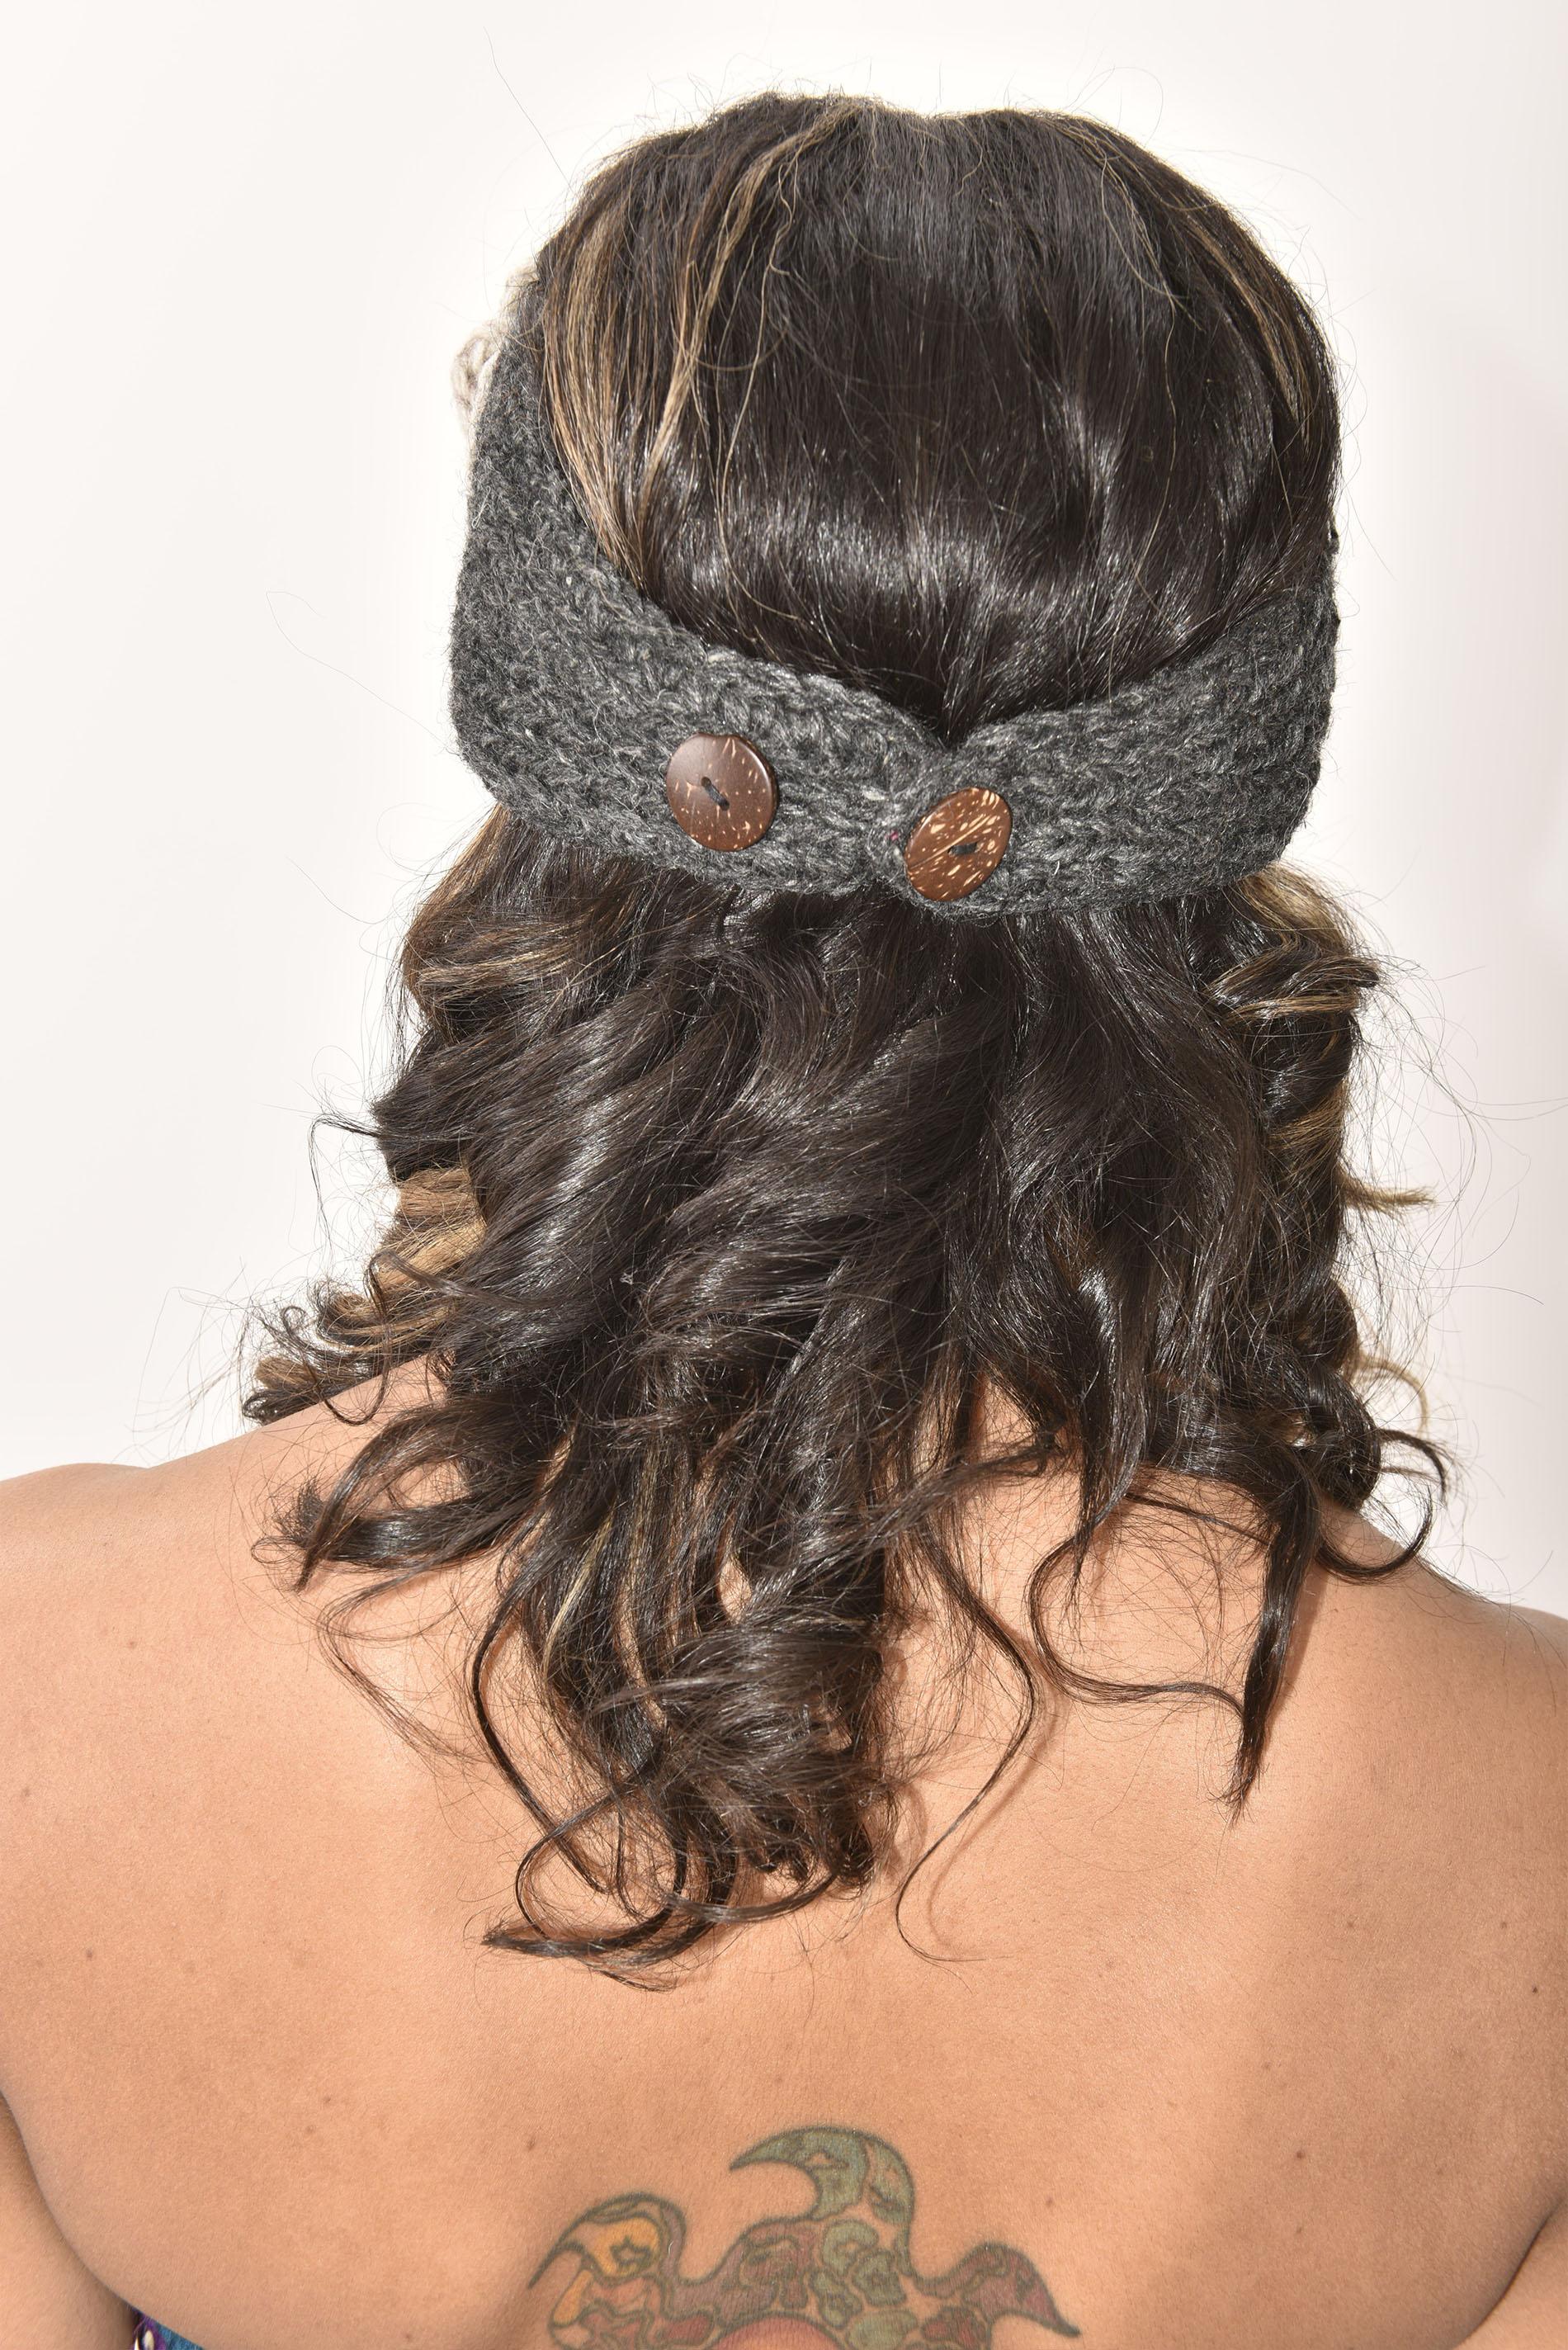 Charcoal & Natural Headband